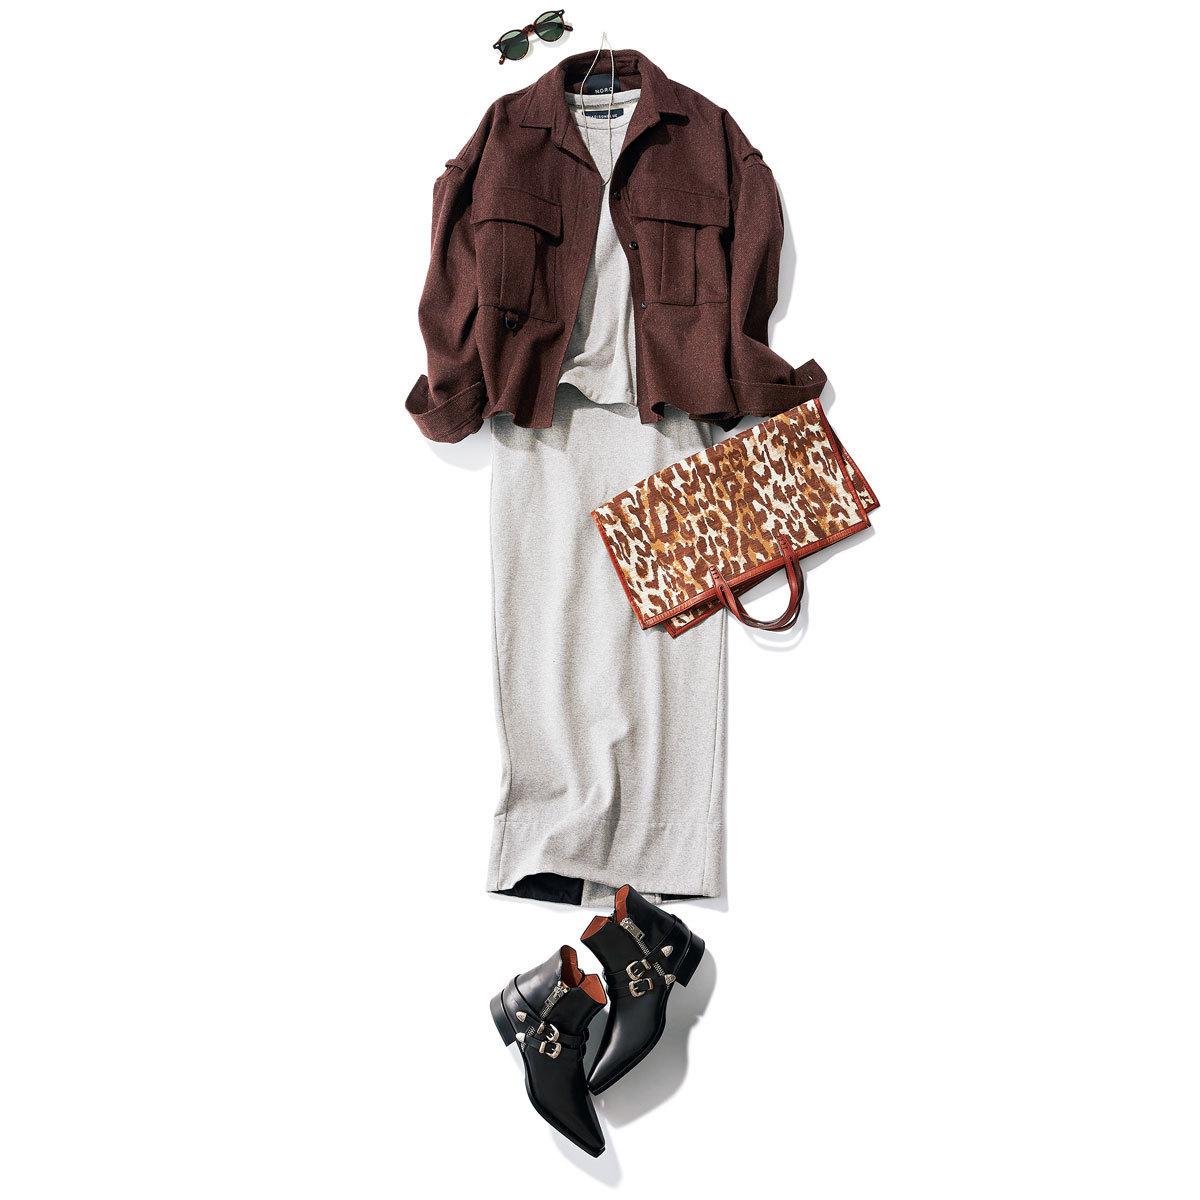 CPOジャケット×スウェットスカートのブラウンコーデ